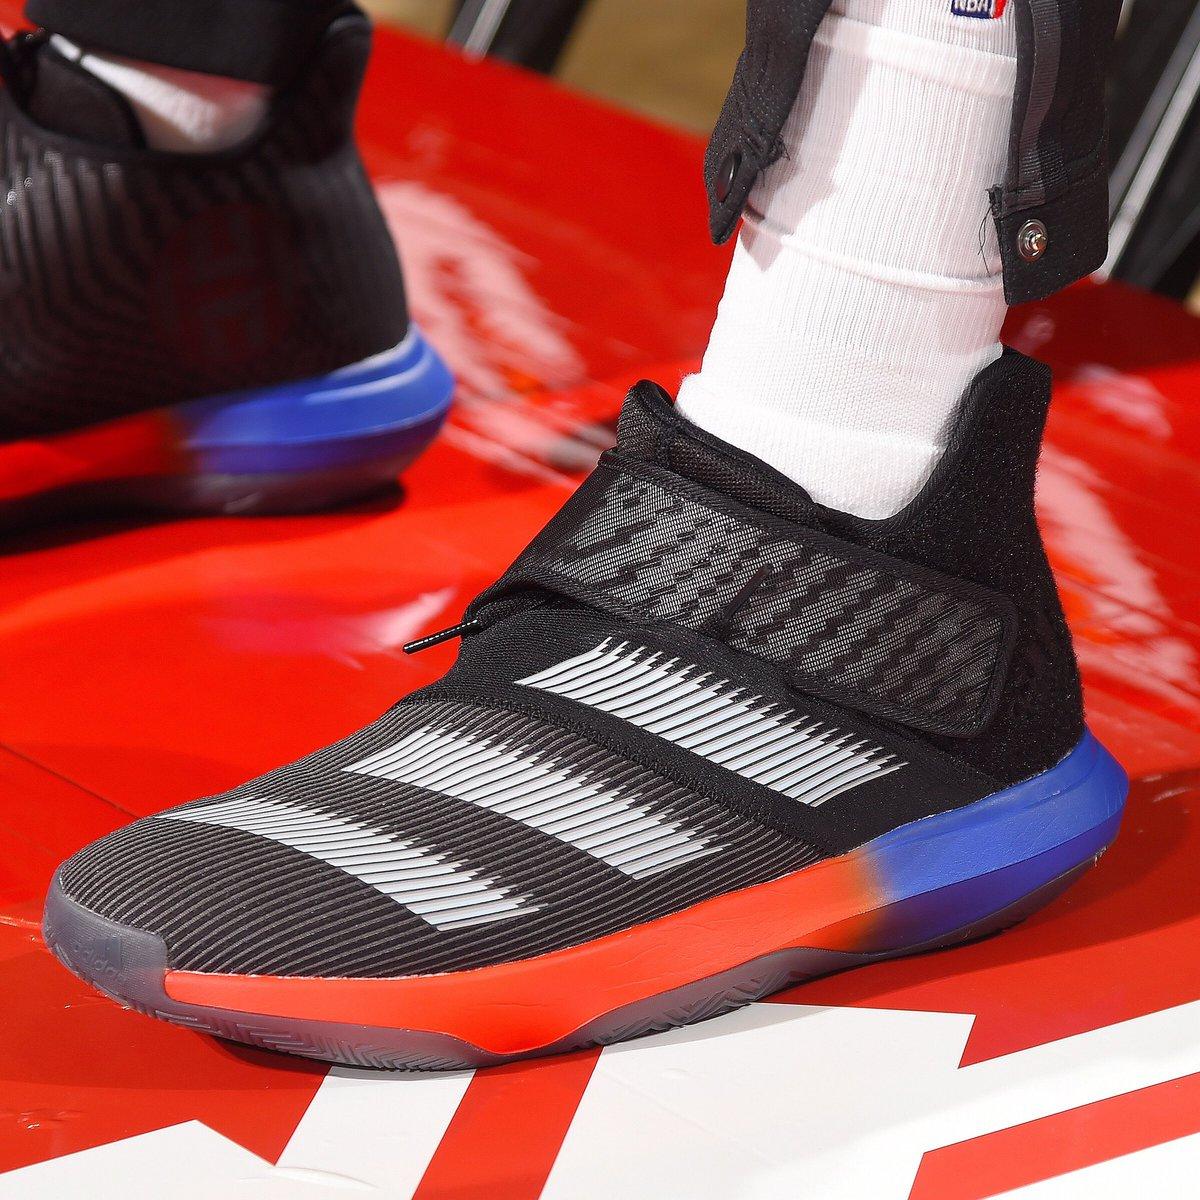 今日常规赛上脚球鞋一览:哈登上脚HardenB/E3